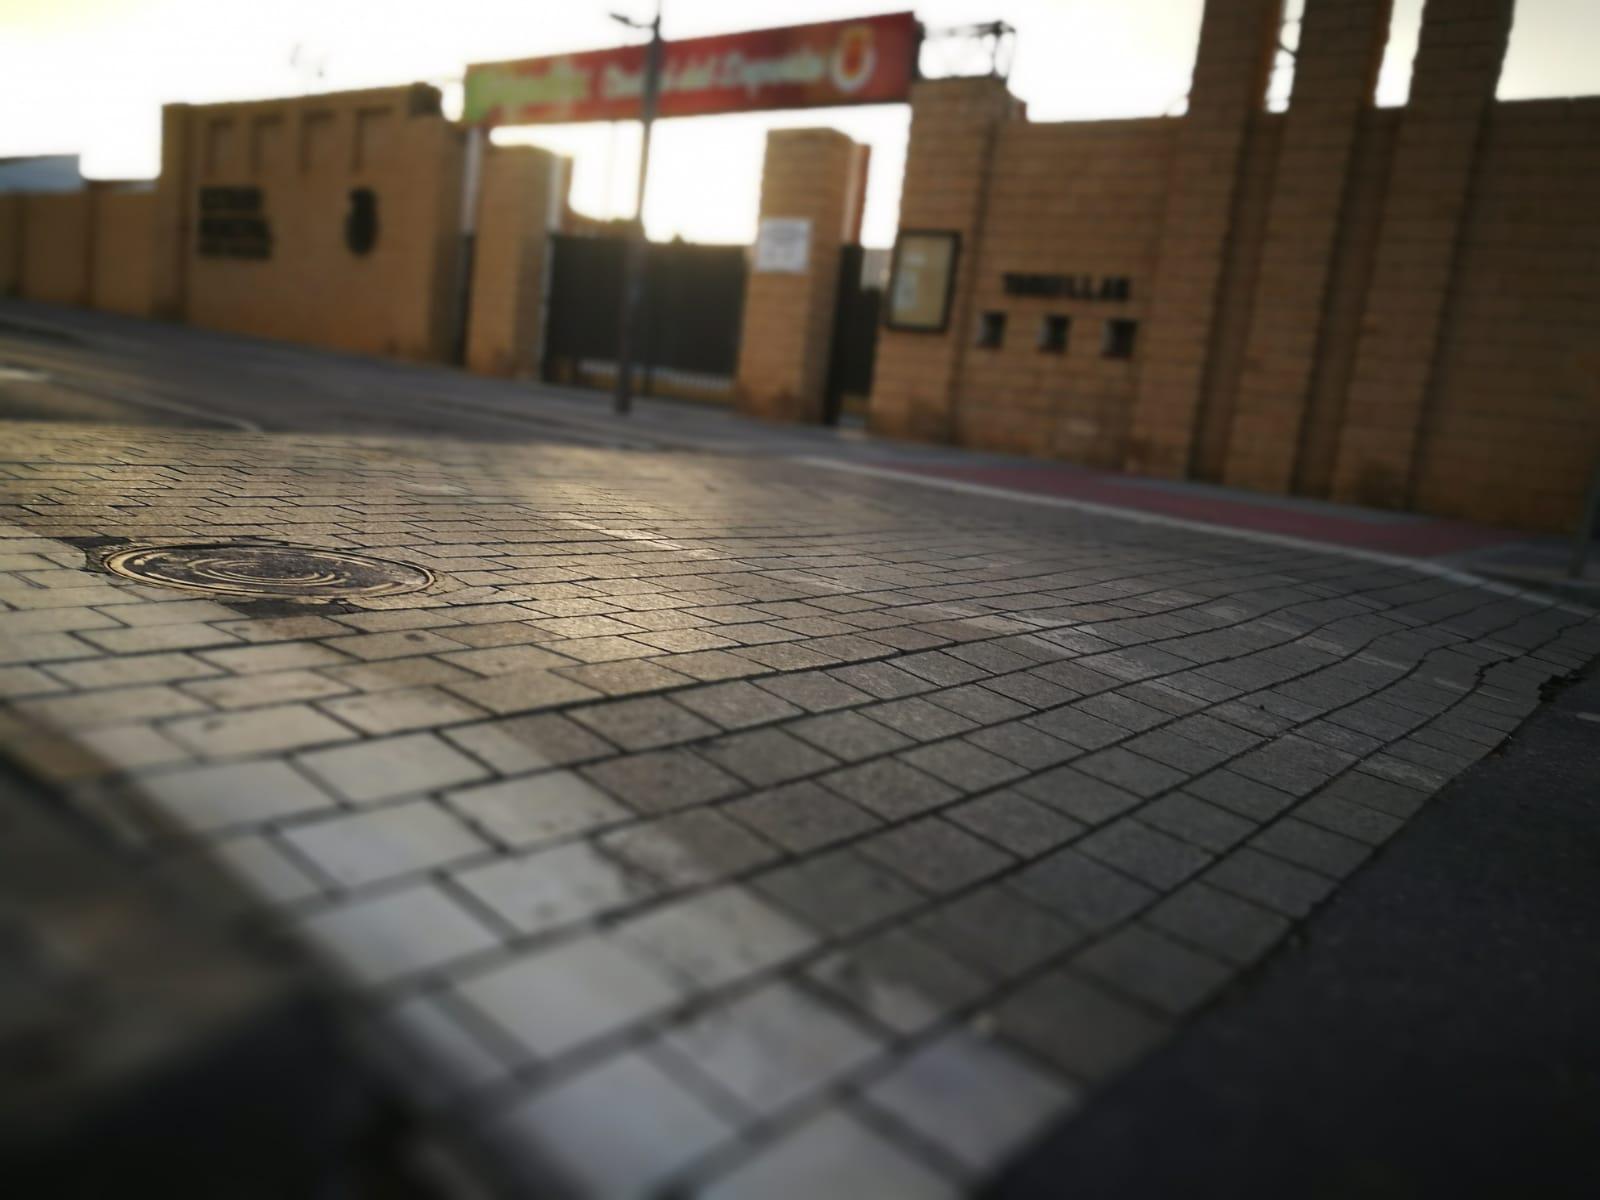 El PSOE de Guadix solicita al Ayuntamiento que continúe con el proyecto de regularización semafórica comenzada en el mandato anterior